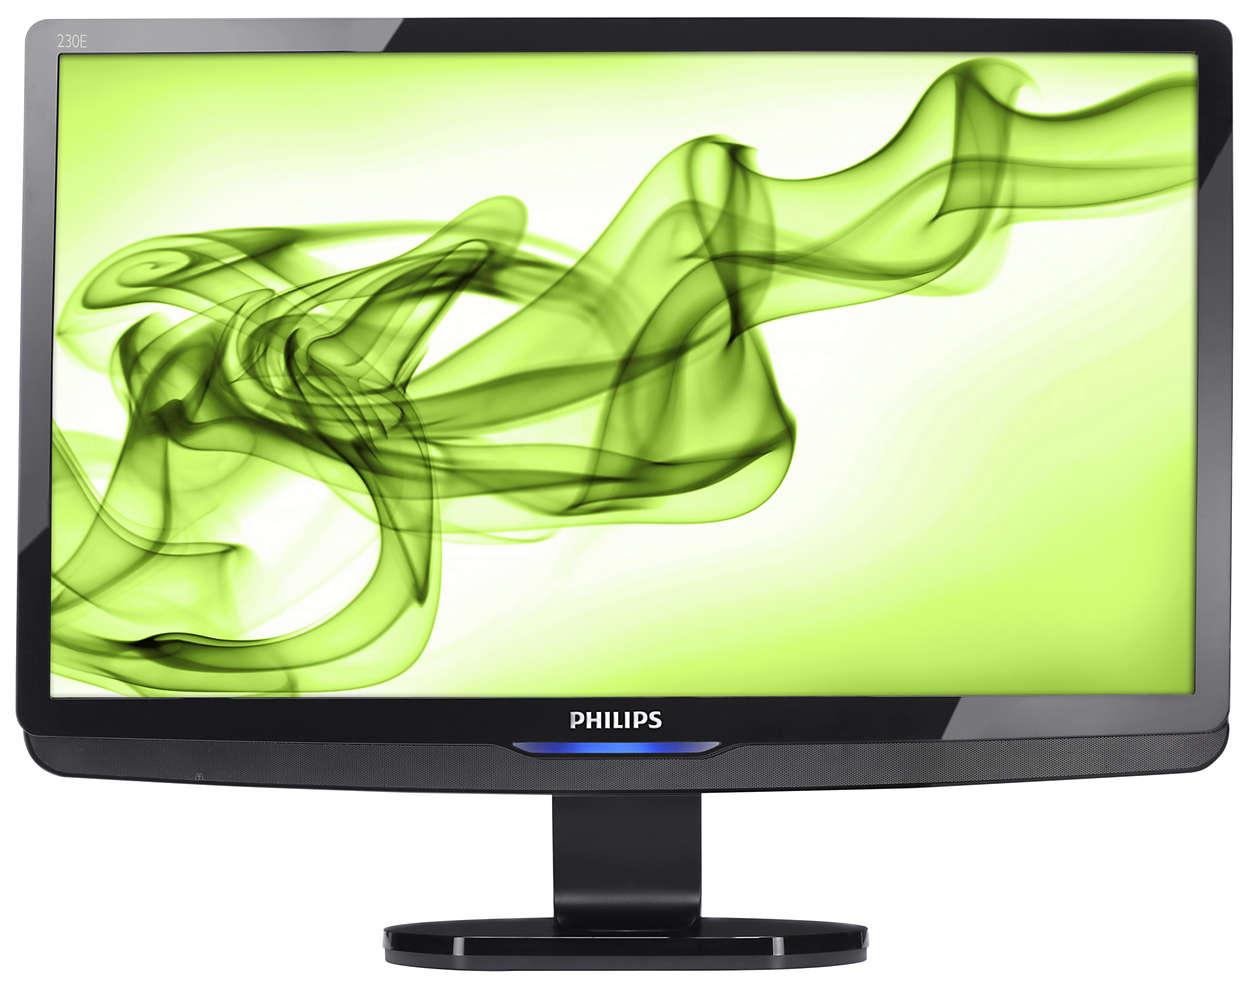 HDMI 顯示結合 Full HD 娛樂